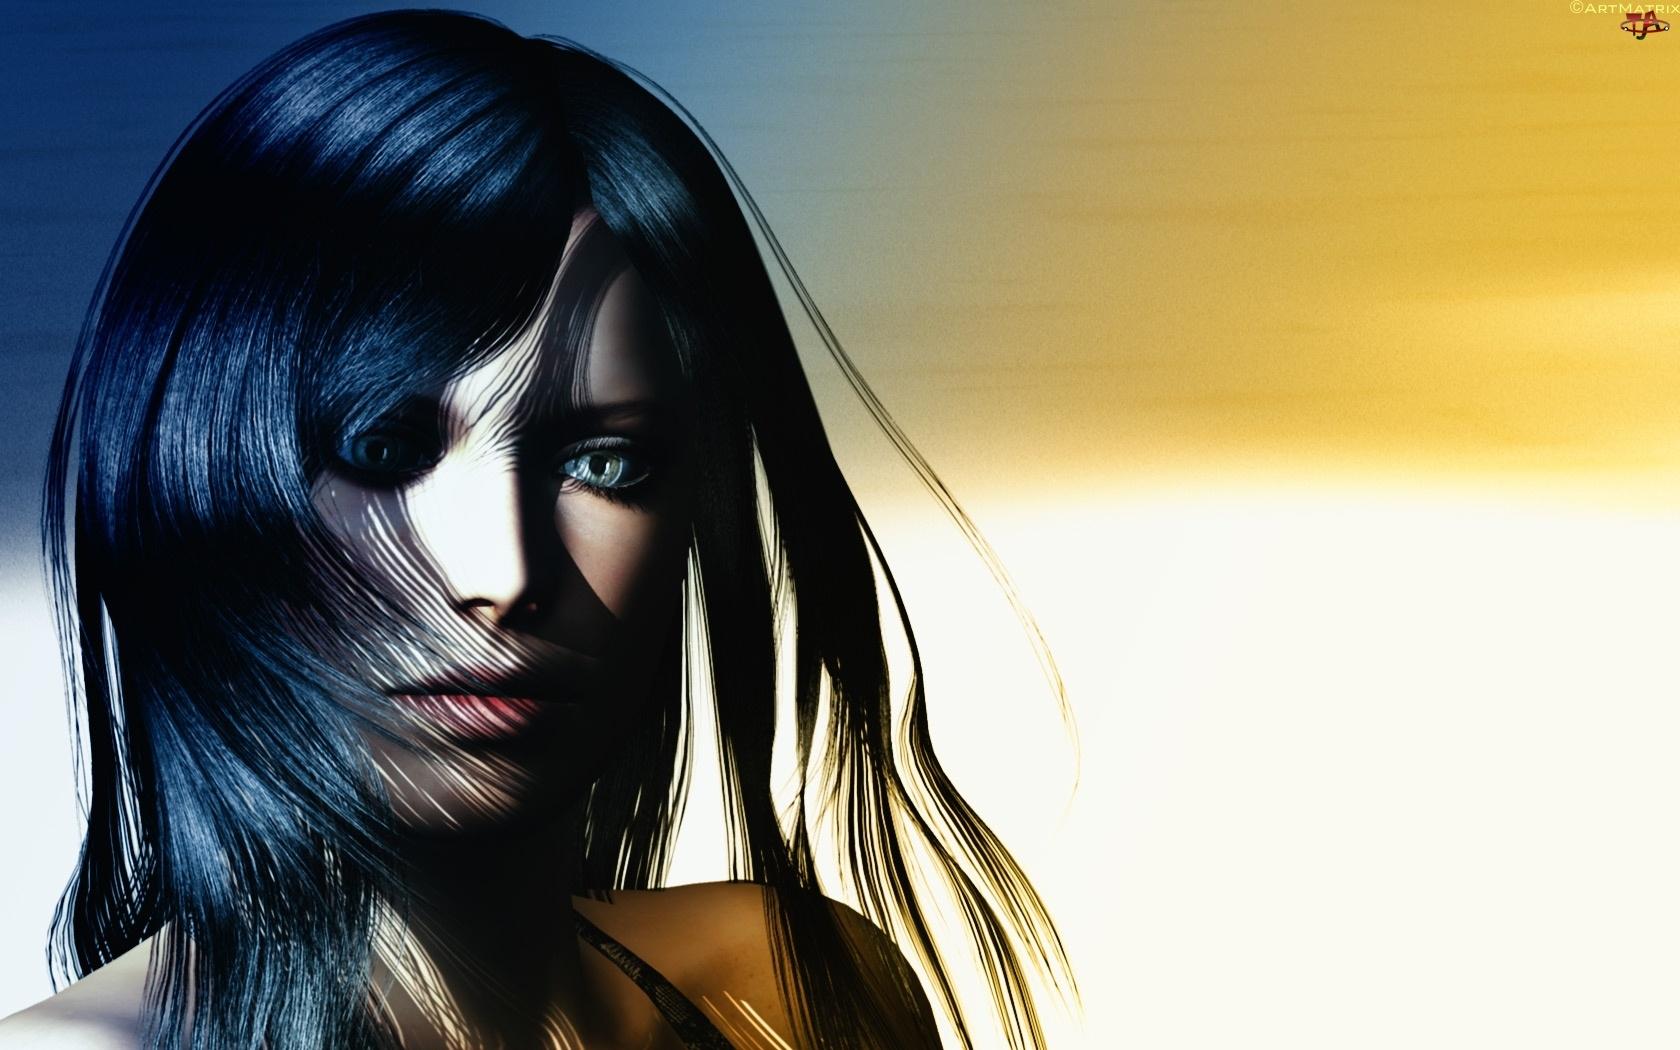 Dziewczyna, Włosach, Wiatr, We